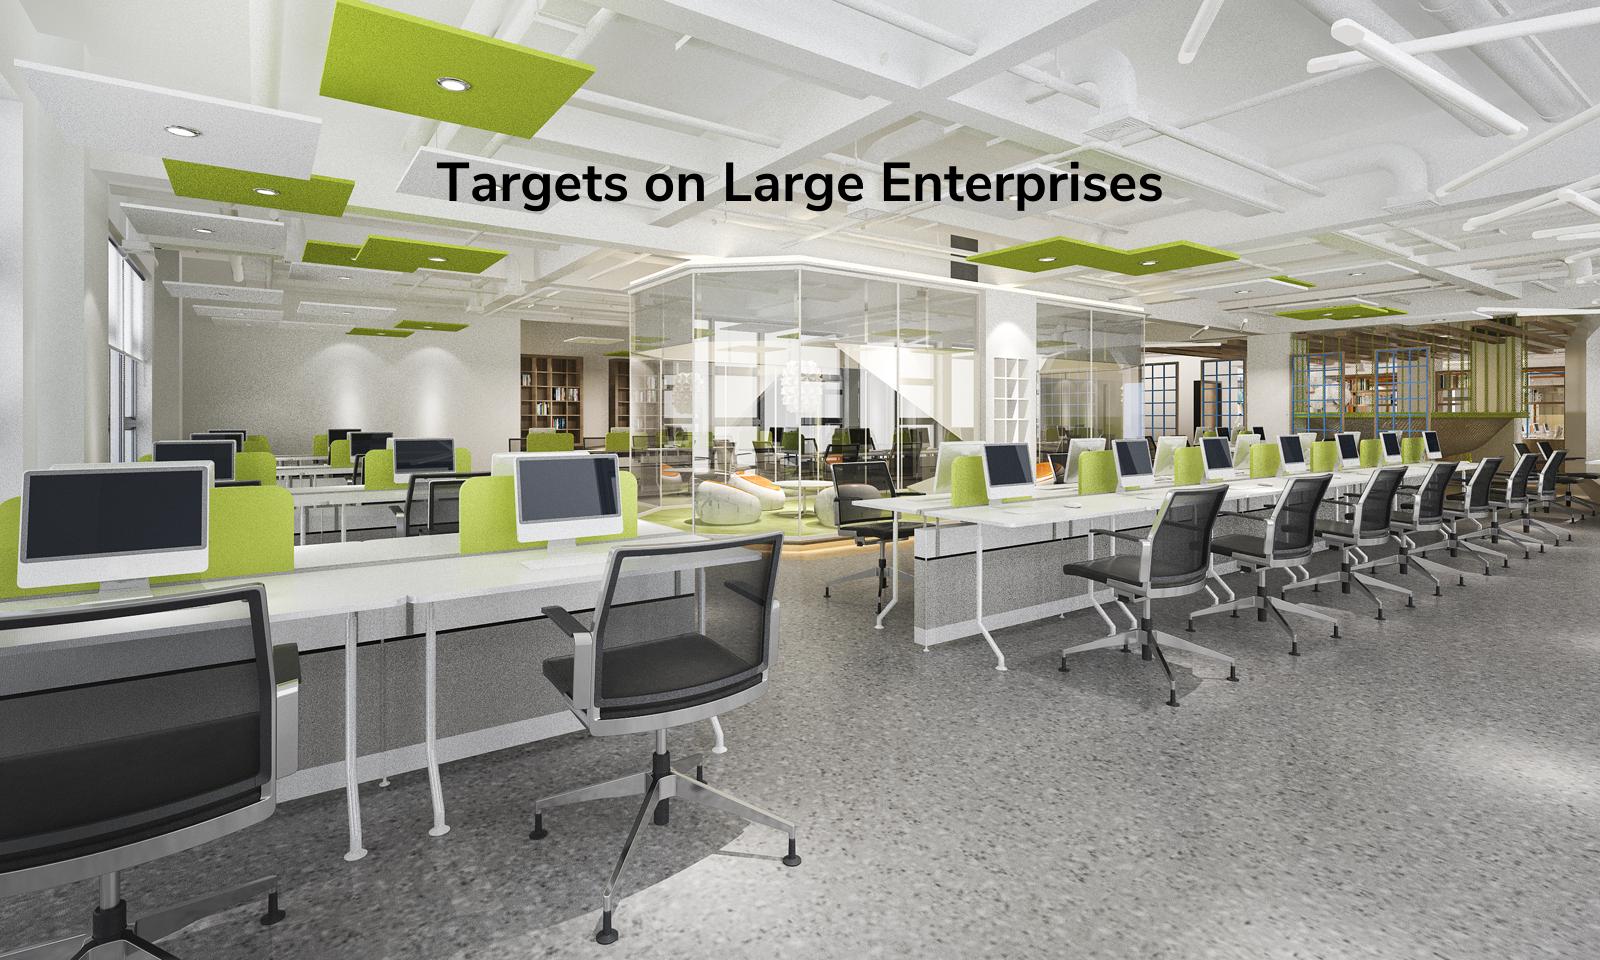 Targets on Large Enterprises